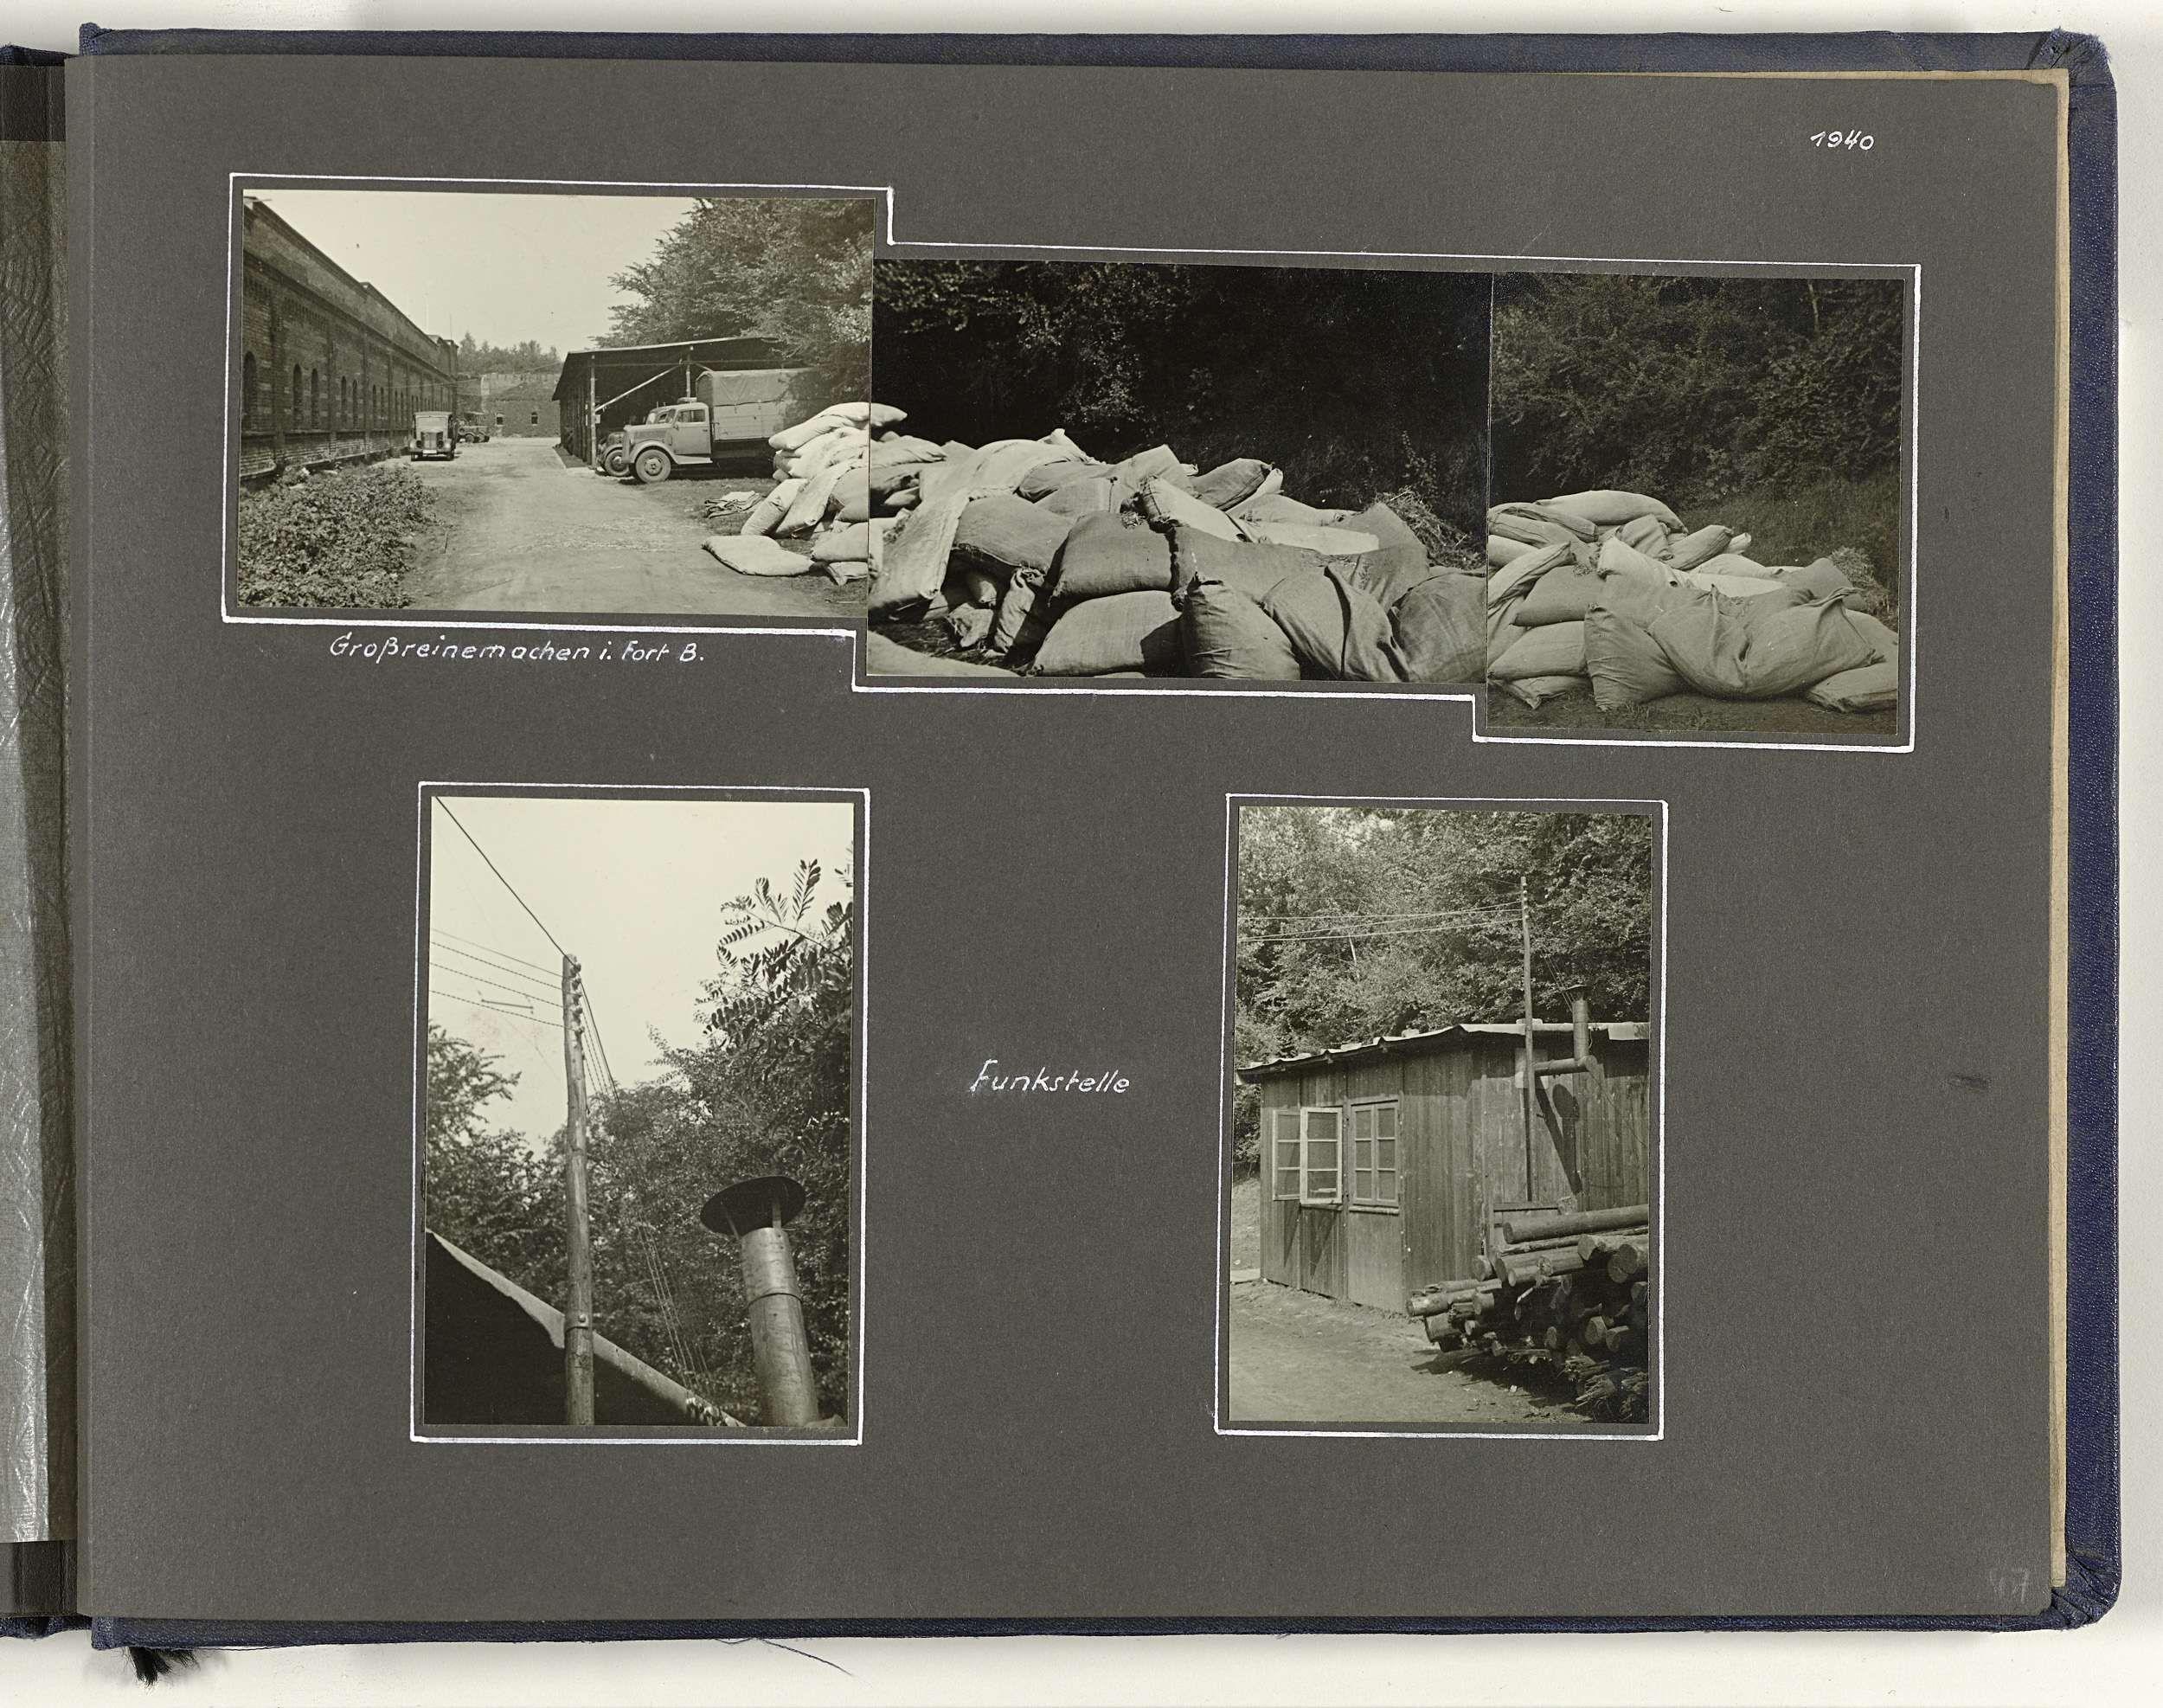 Anonymous   Fort Bocklemünd, Anonymous, 1940   Albumblad met twee foto's en een collage bestaande uit drie foto's van Fort Bocklemünd (Keulen) in 1940. De collage geeft een beeld van een grote schoonmaak in het fort, de andere twee van een zendinstallatie (Funkstelle). Onderdeel van een Duits militair album Tweede Wereldoorlog 1939-1940.